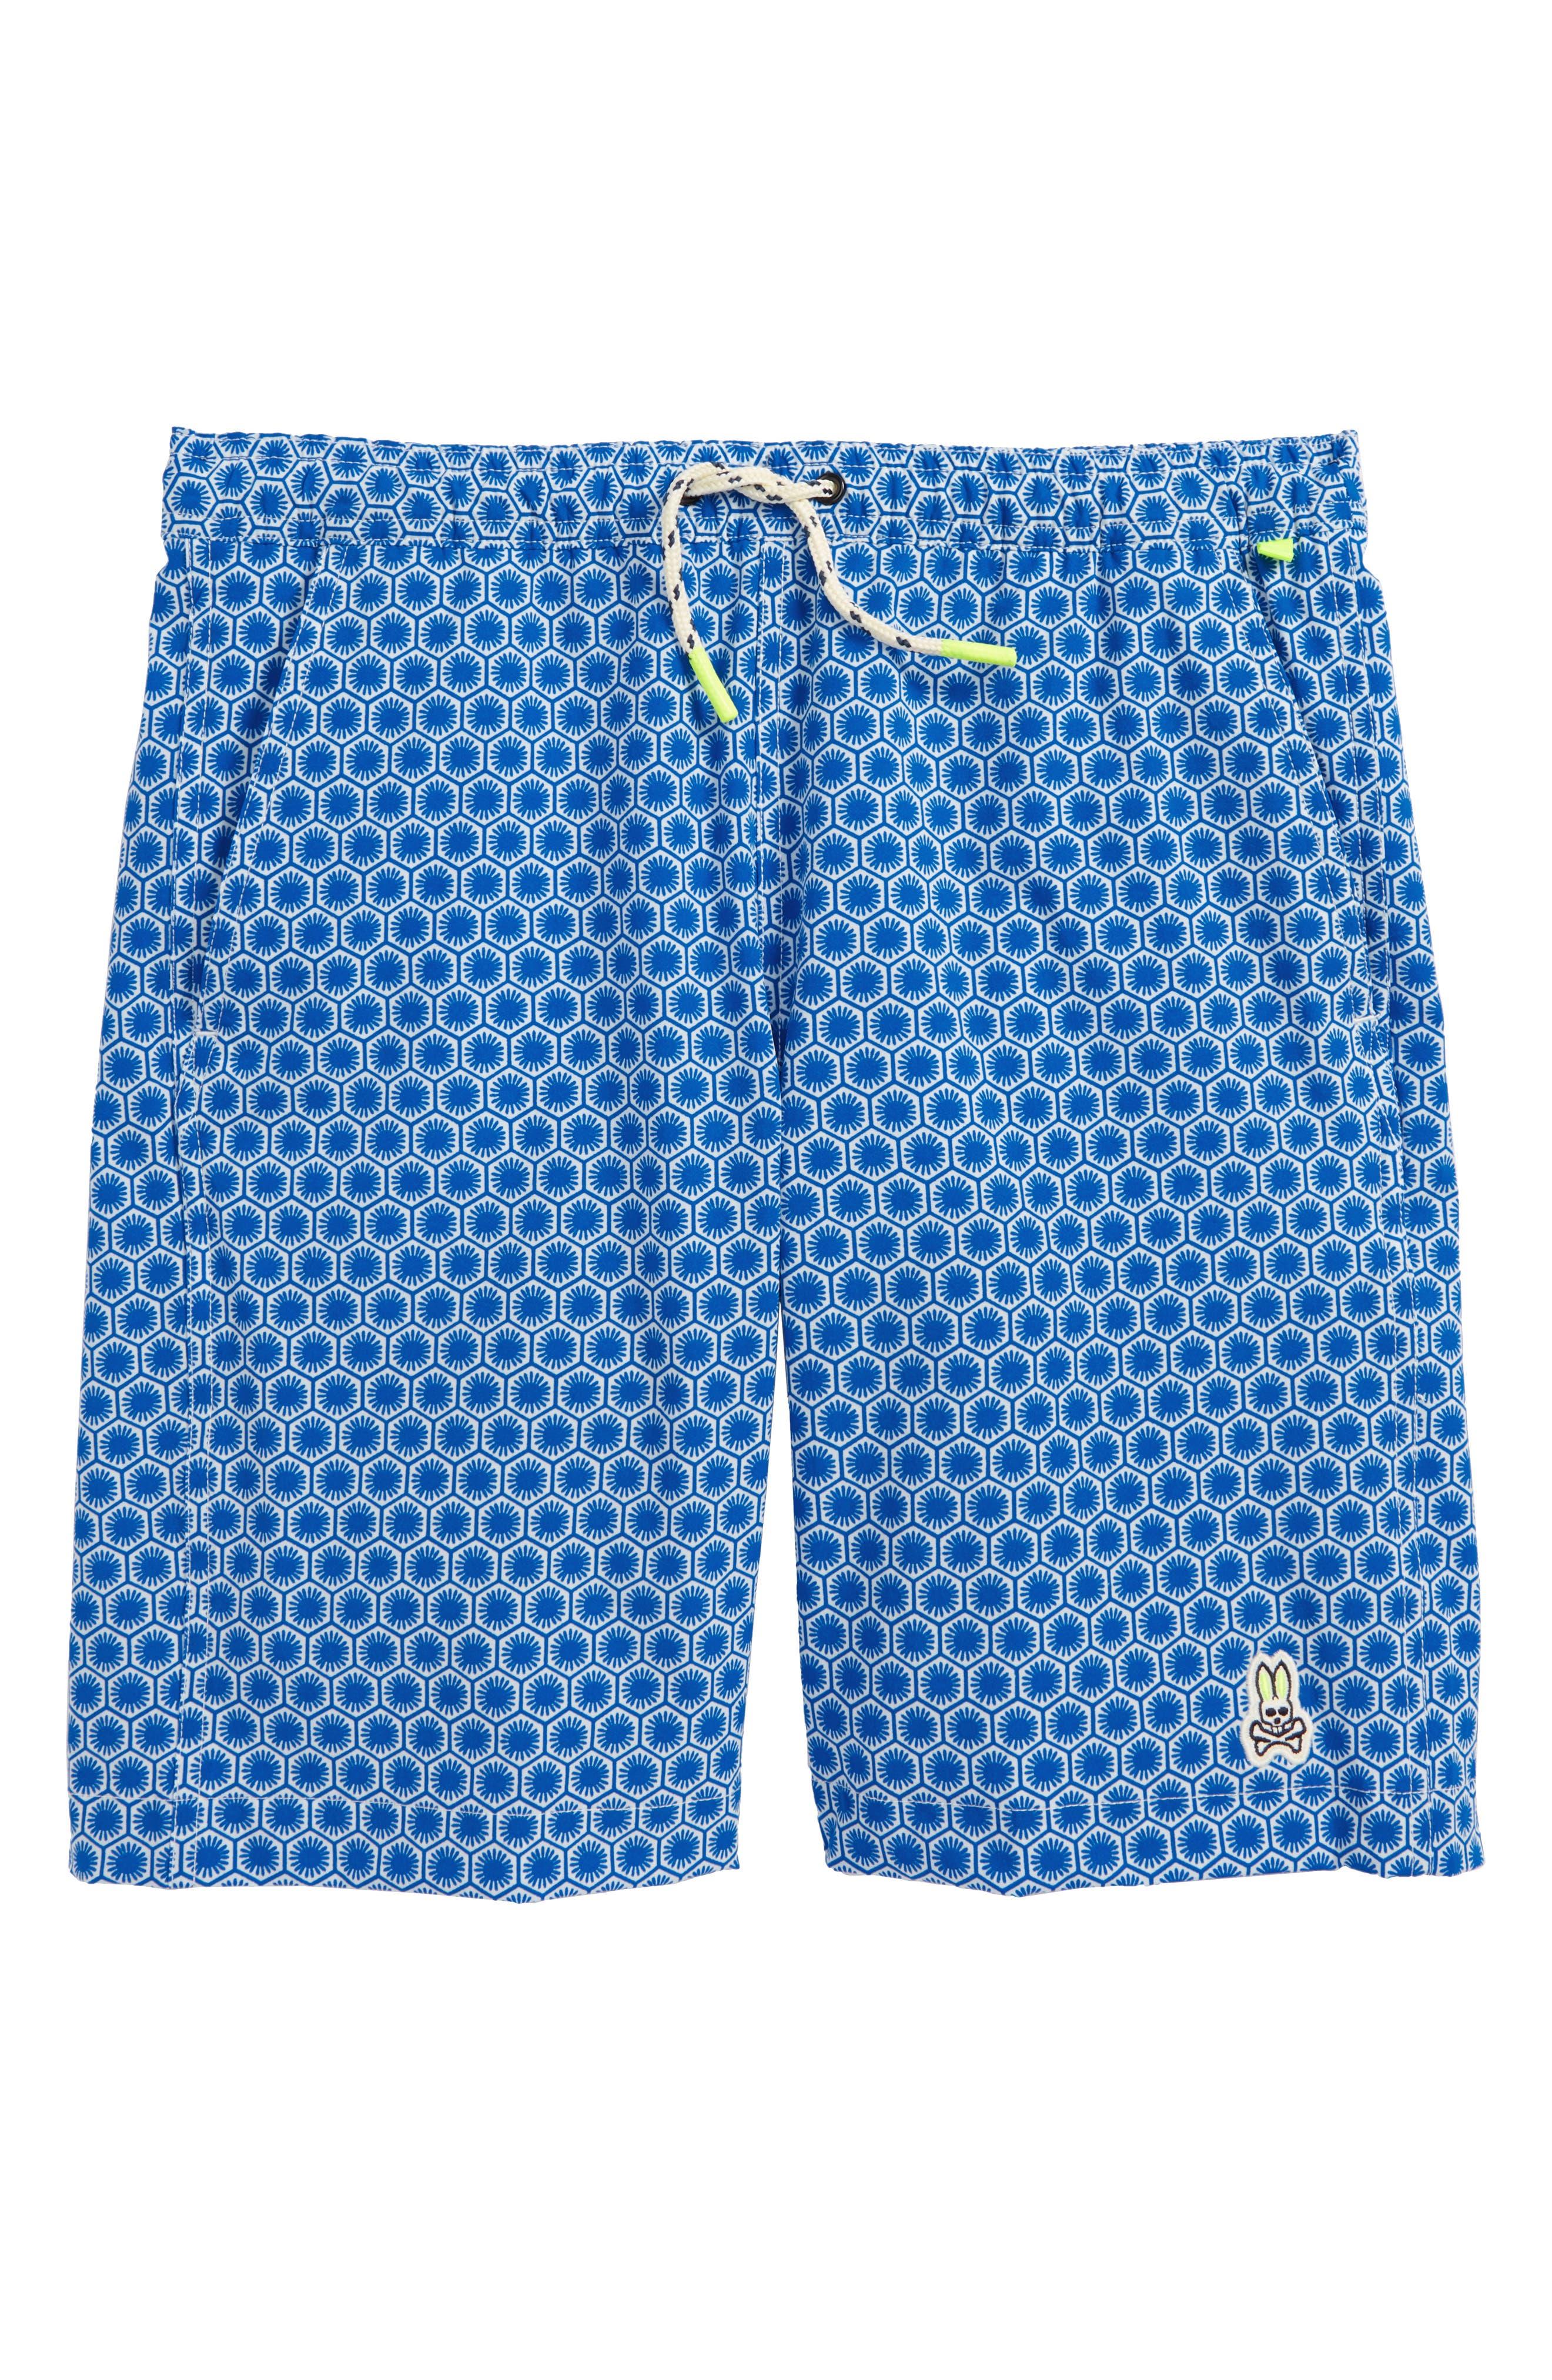 Honeycomb Board Shorts,                             Main thumbnail 1, color,                             Lapis